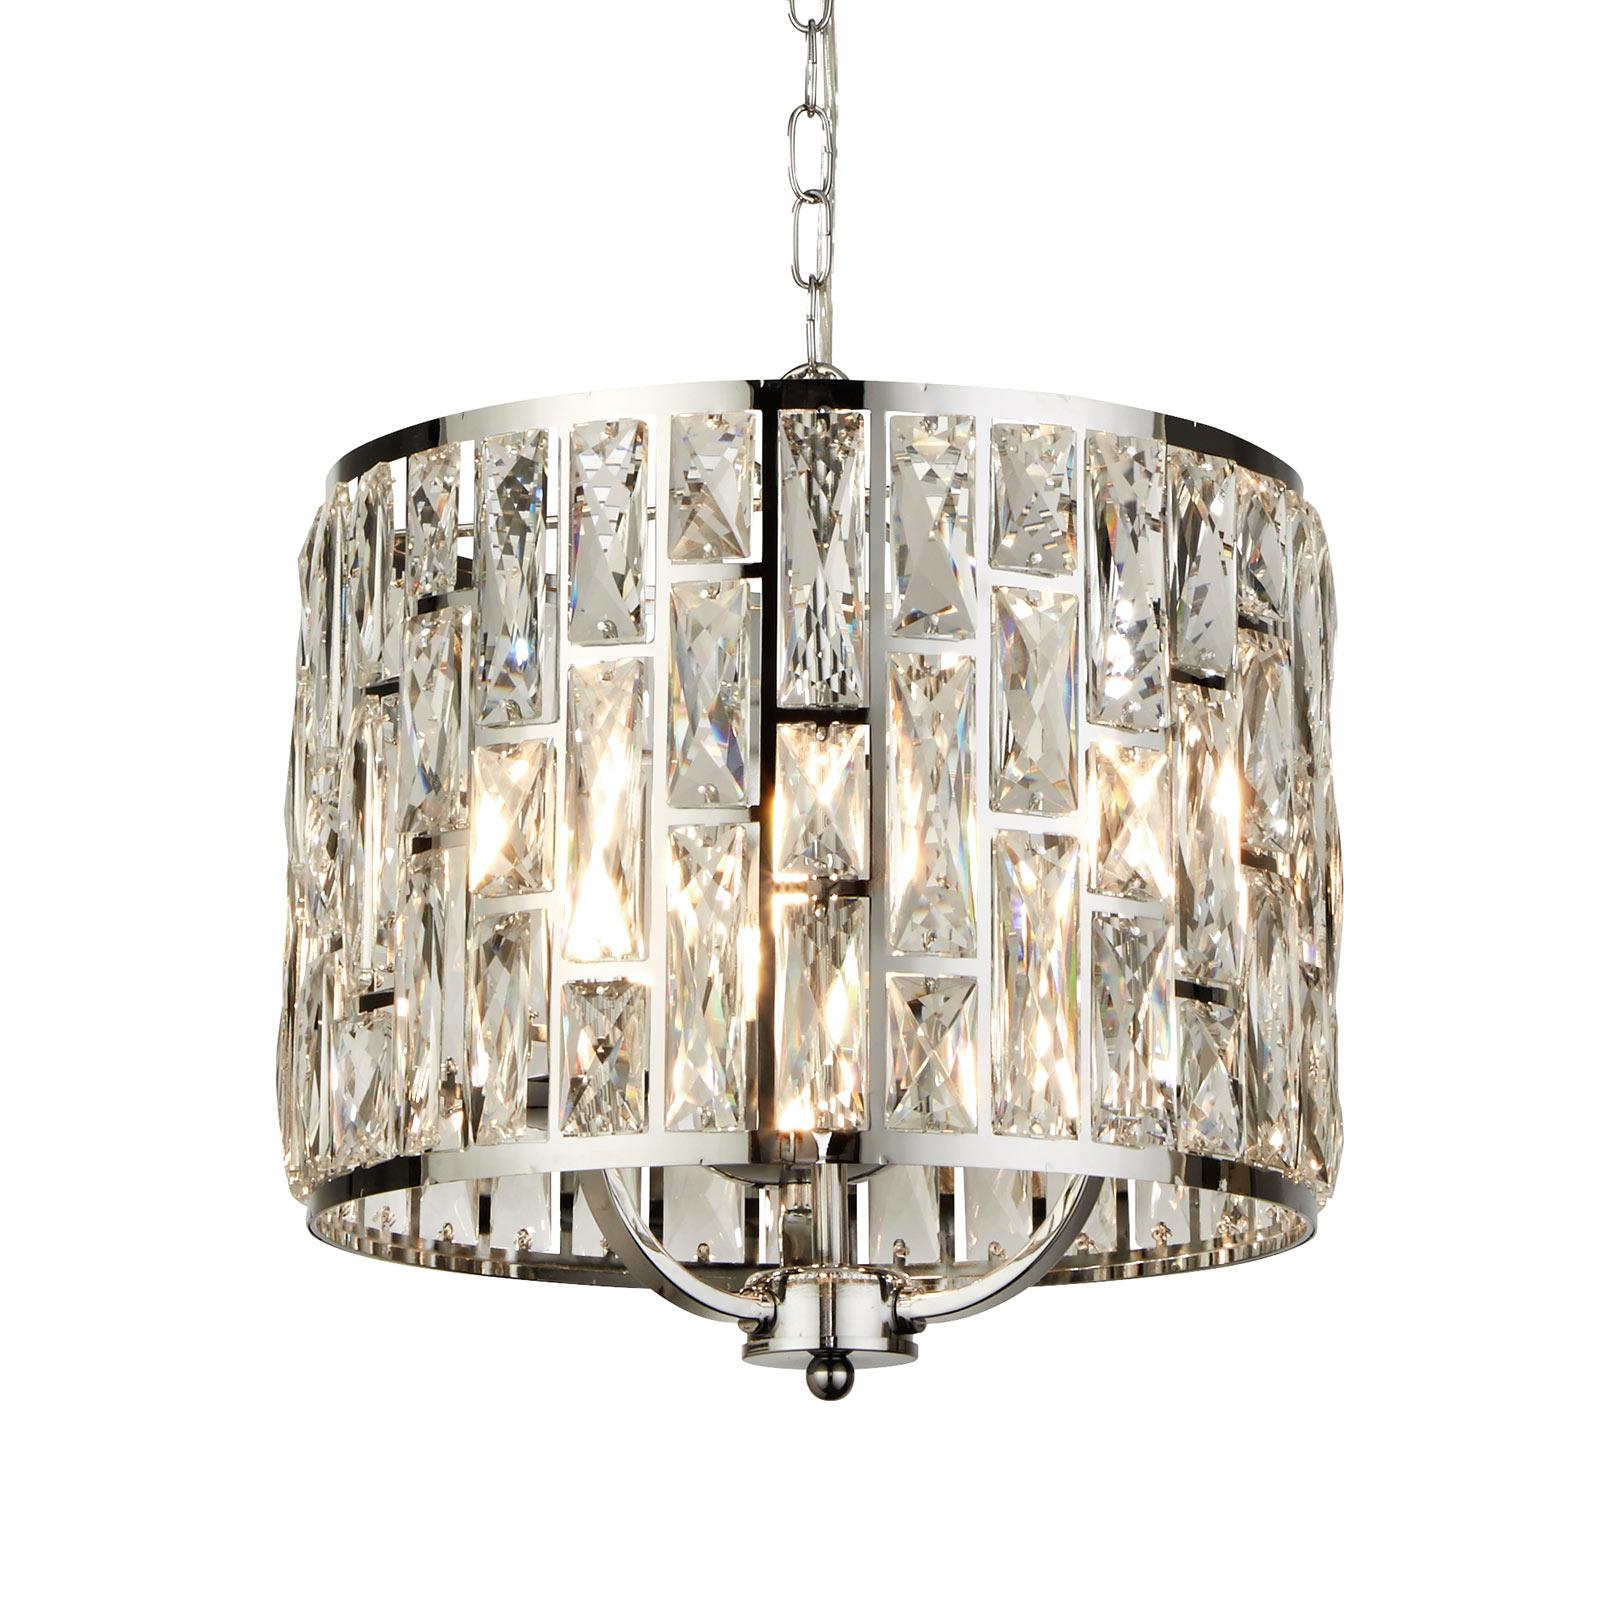 Lampa wisząca Bijou, klosz z kryształkami, Ø 38 cm